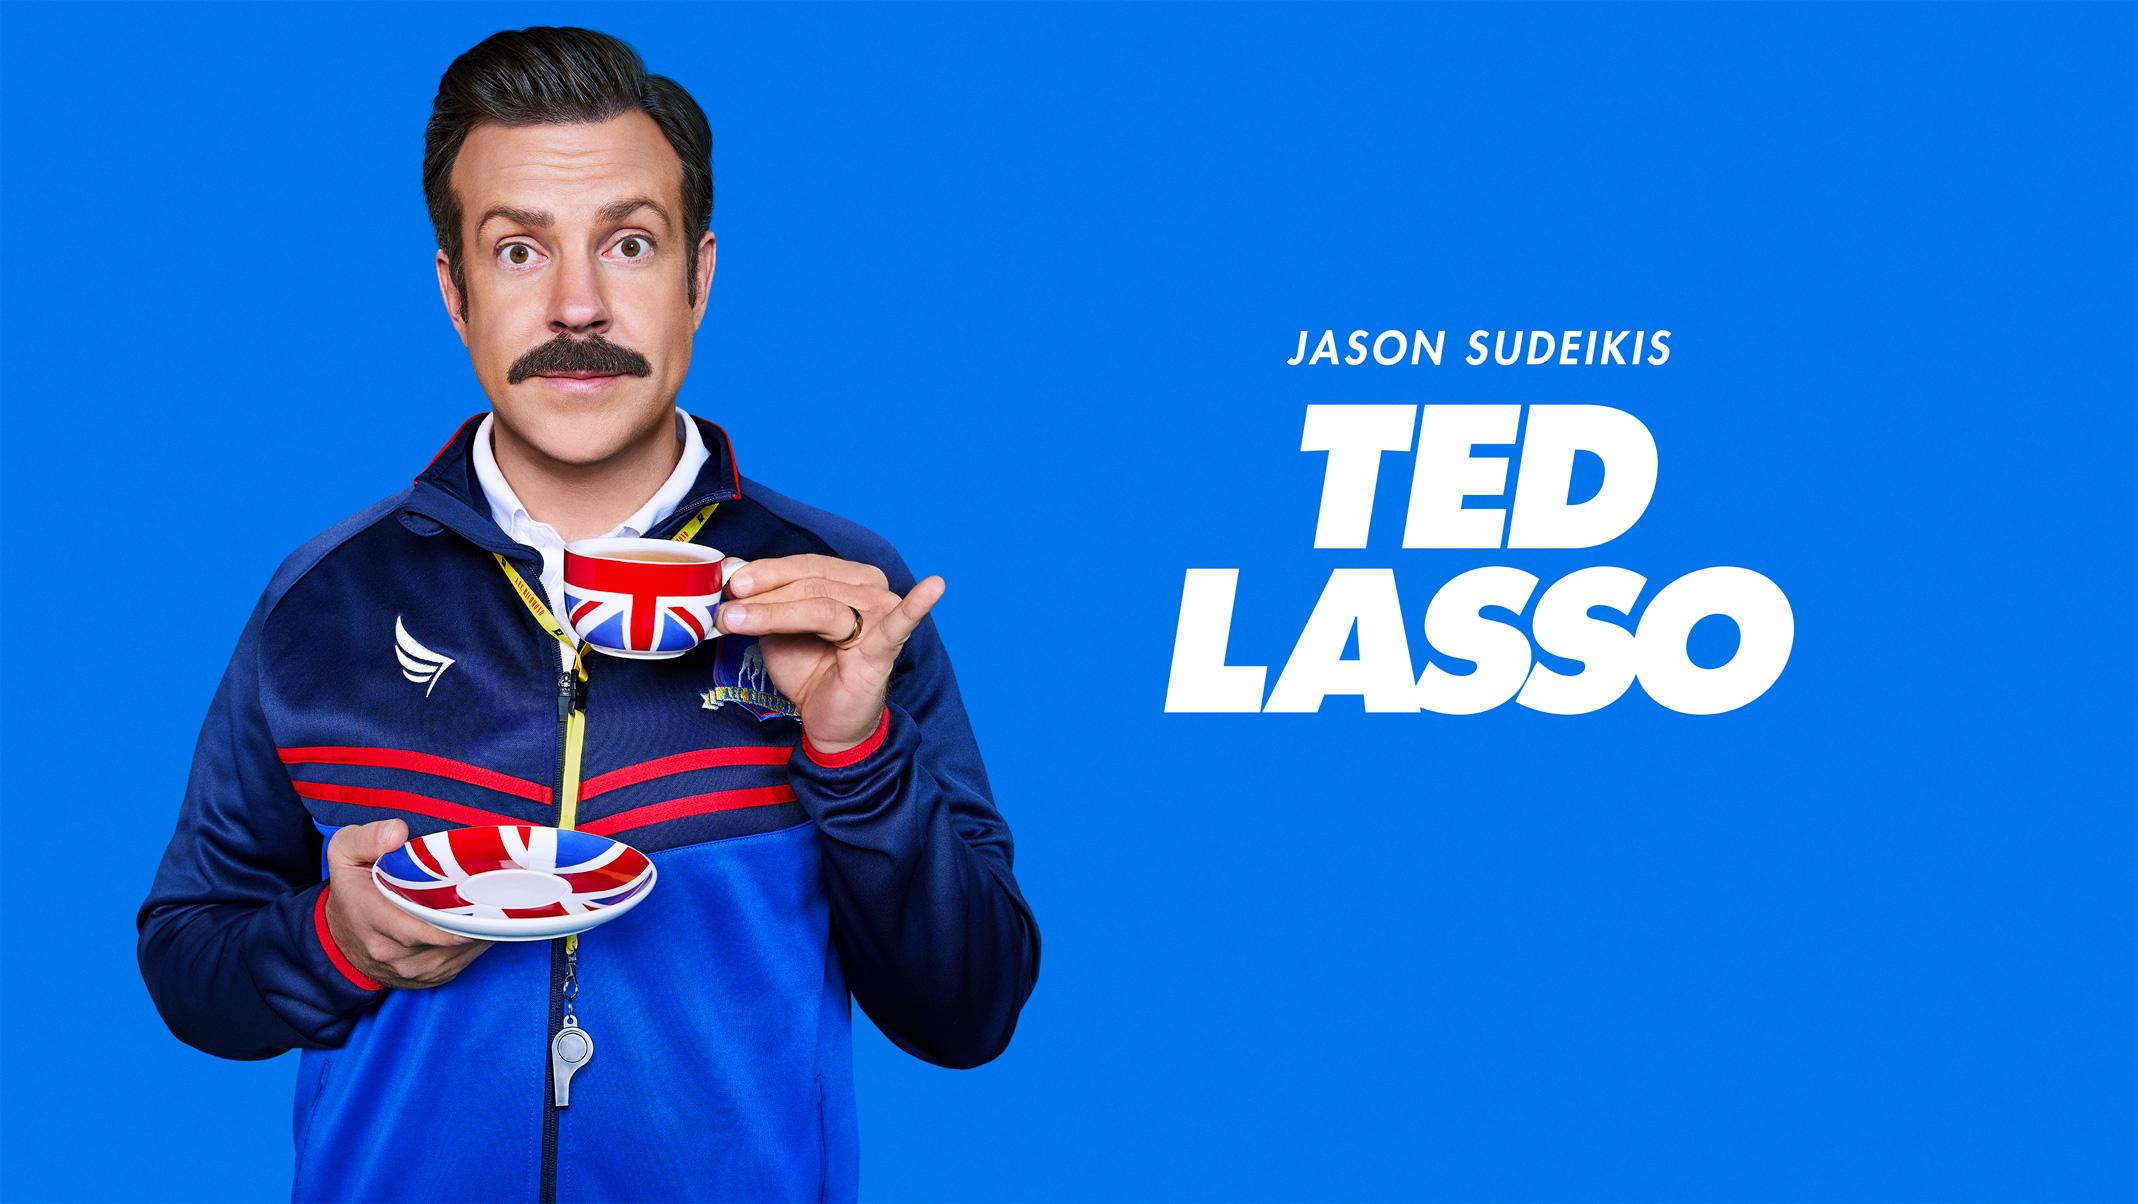 Ted Lasso on AppleTV